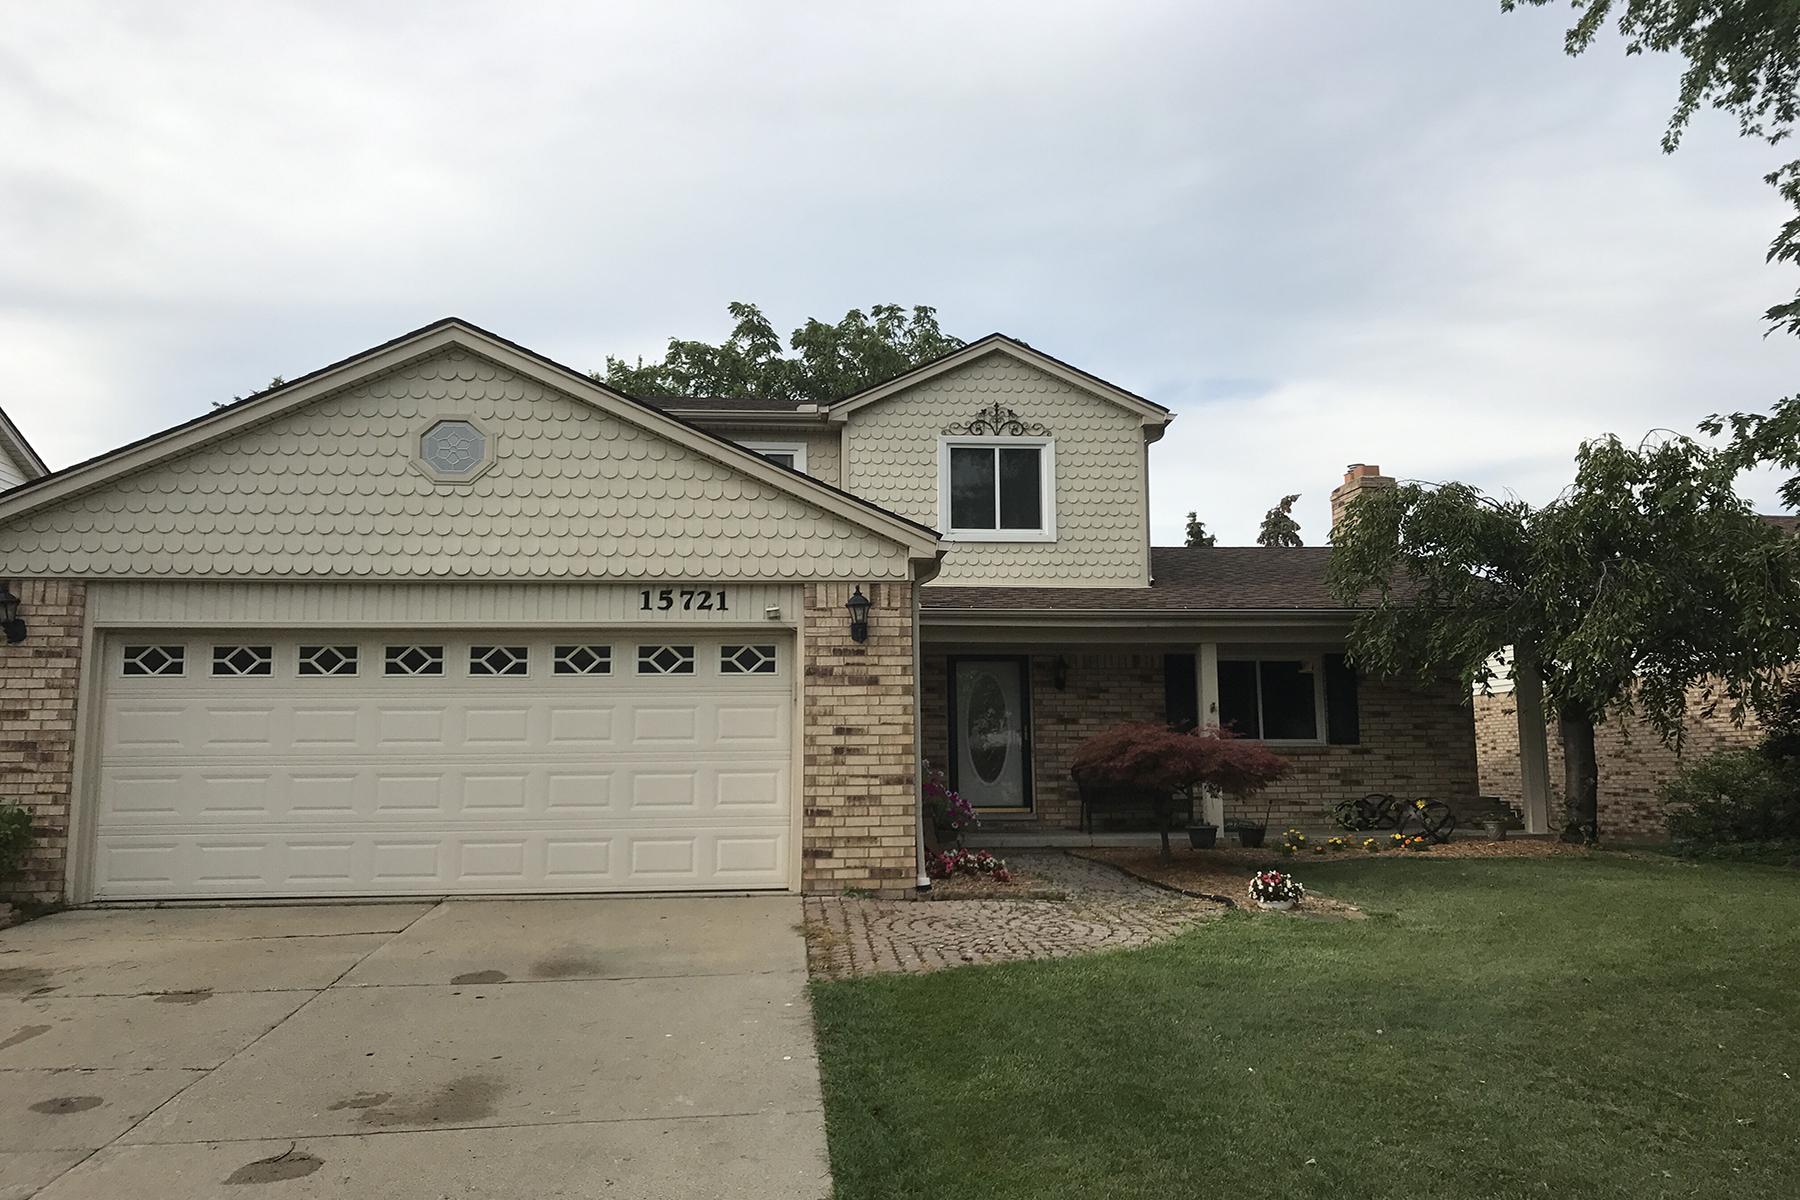 Частный односемейный дом для того Продажа на Macomb Township 15721 Winterpark Drive Macomb Township, Мичиган, 48044 Соединенные Штаты